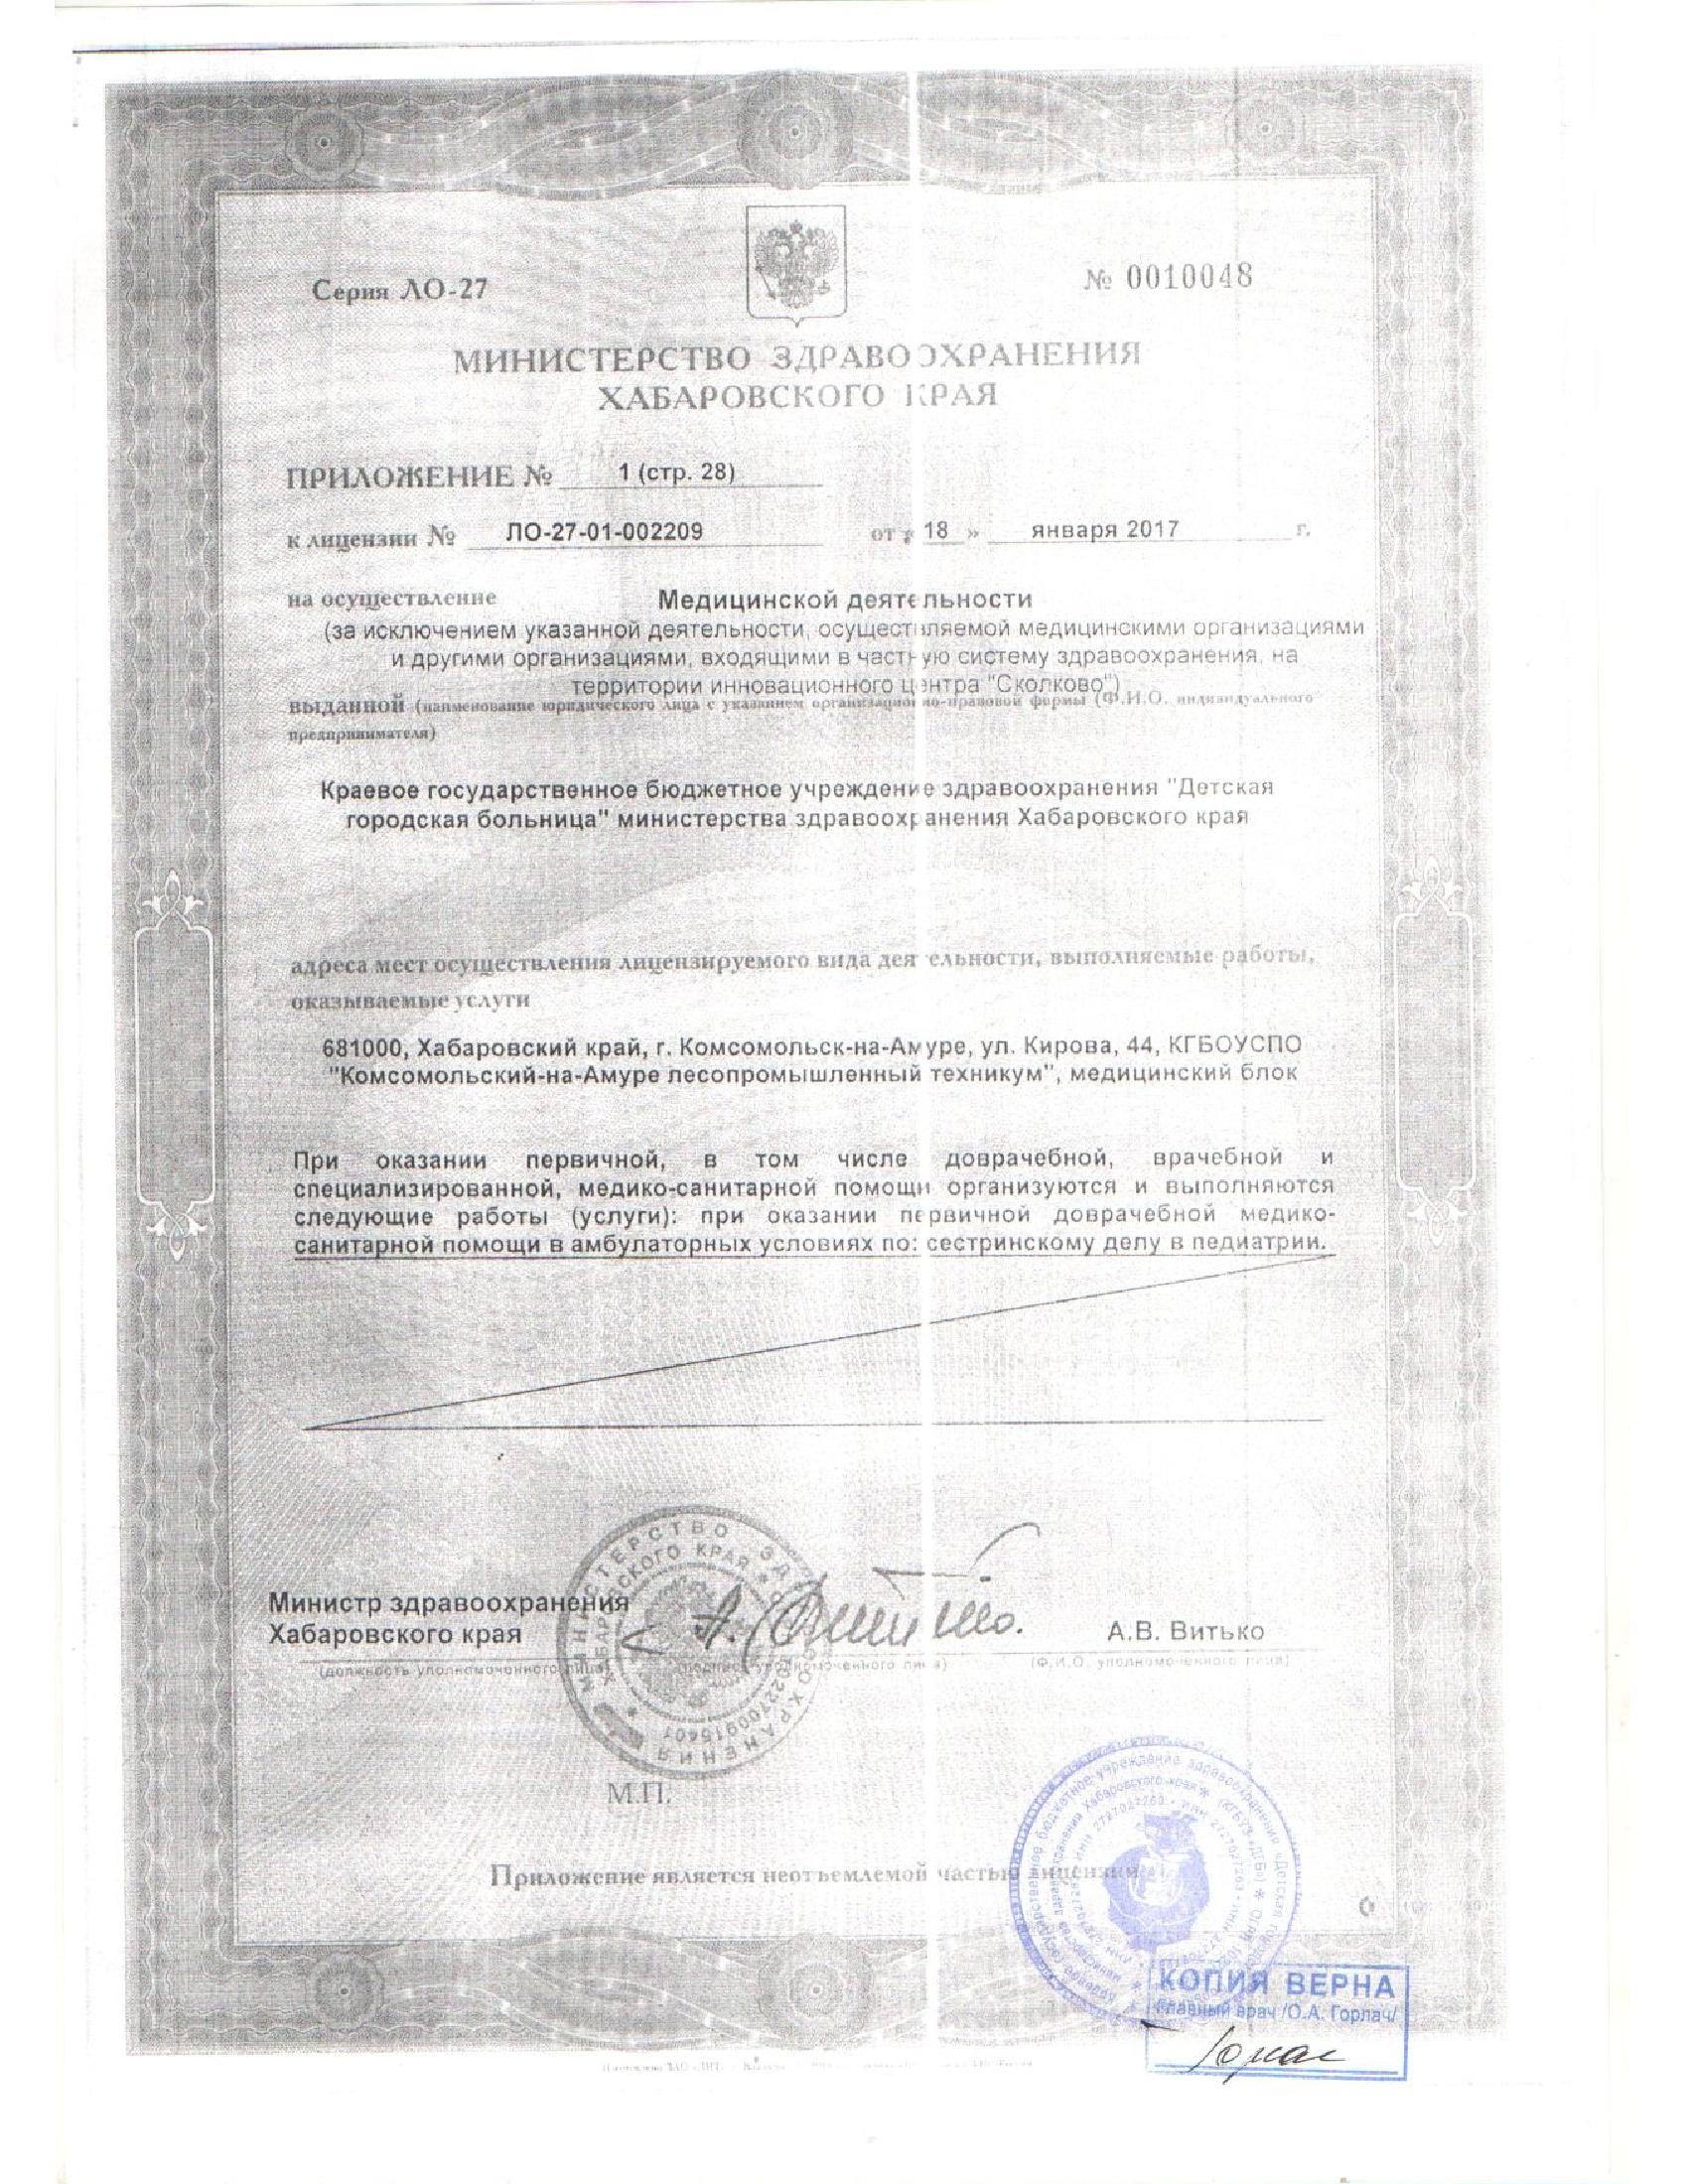 Лицензии медицина_3